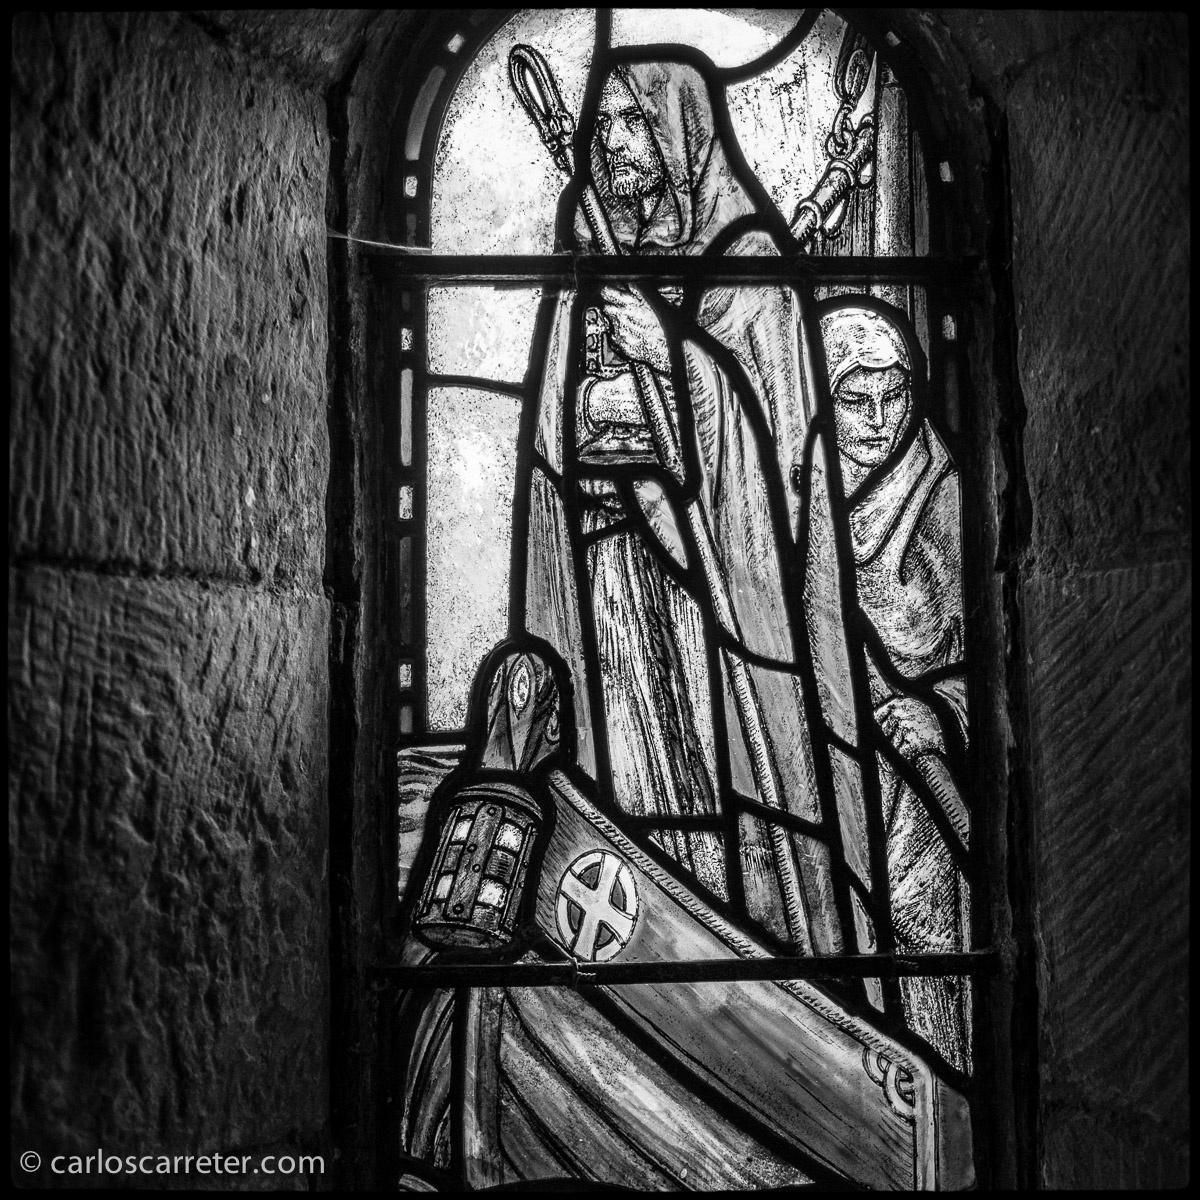 Vidriera en el castillo de Edimburgo